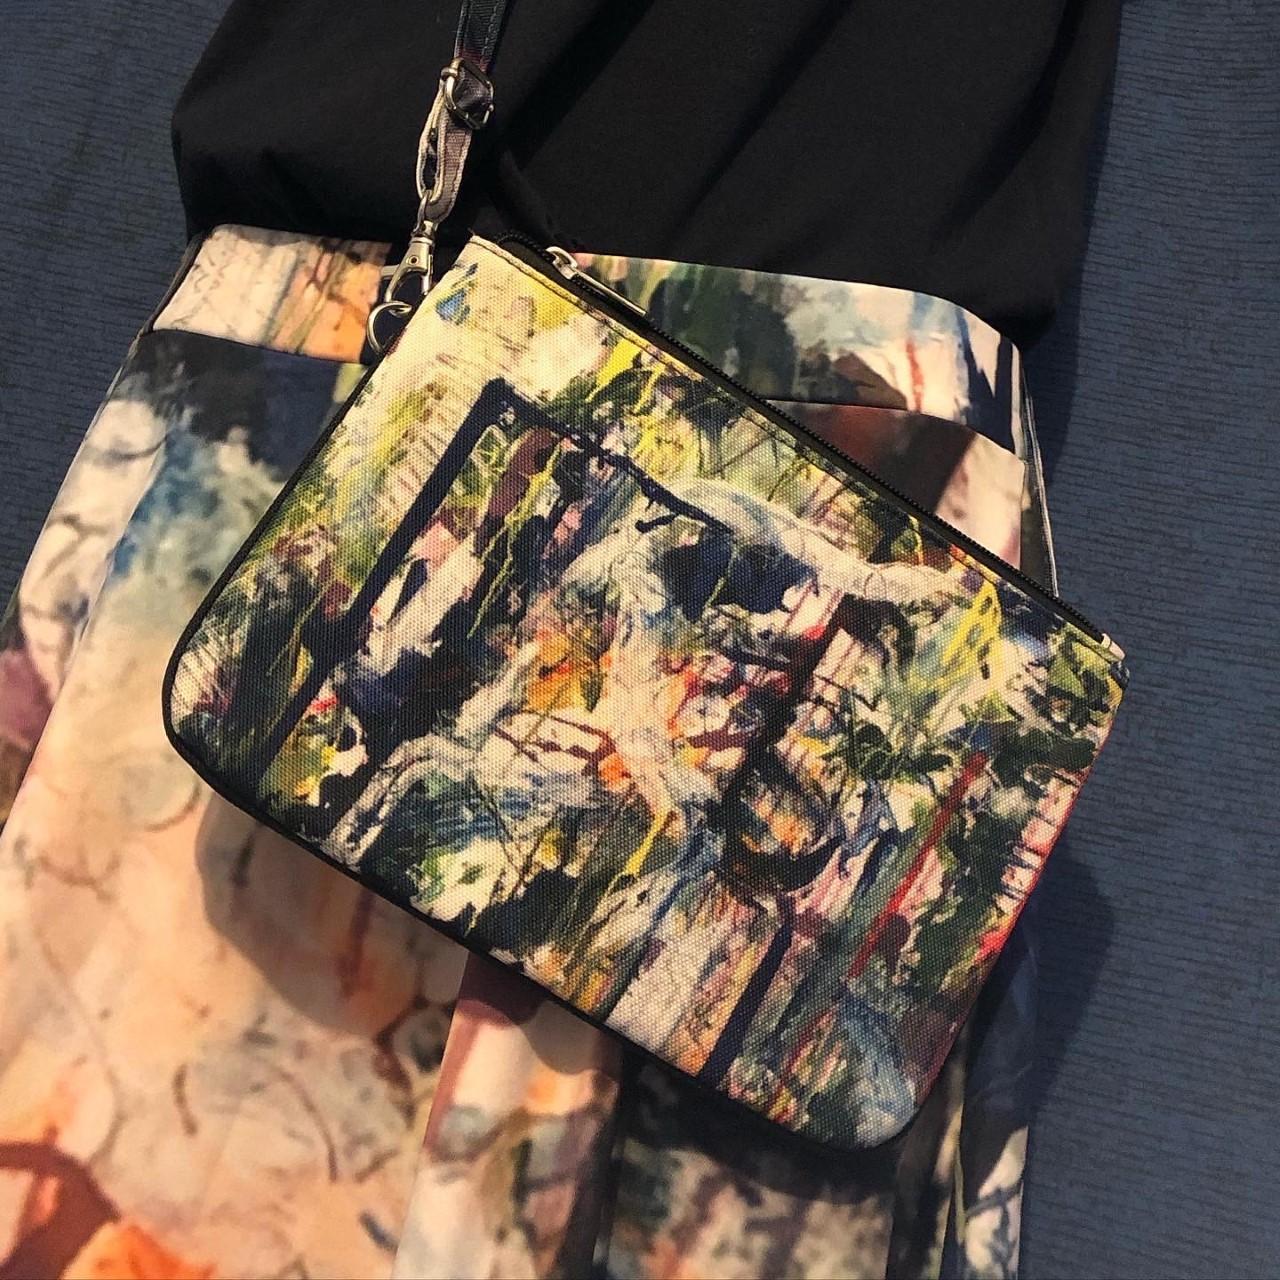 handbag 6.jpg